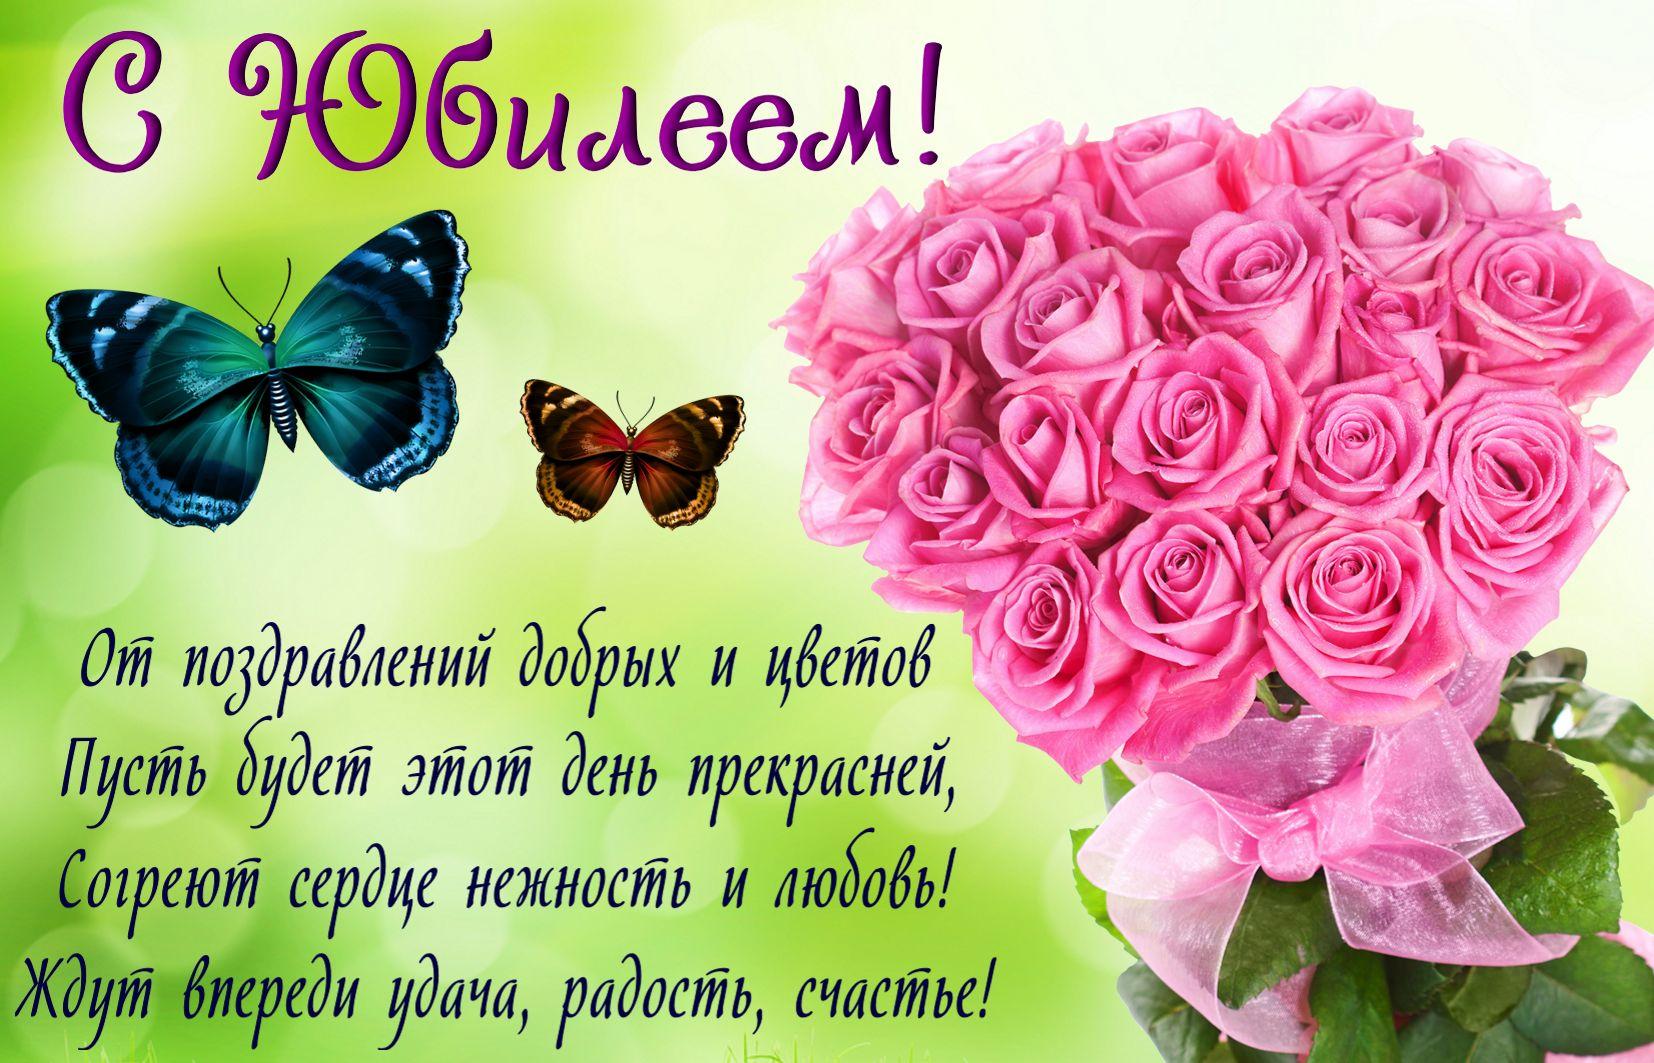 Открытка к юбилею - букет розовых роз для женщины